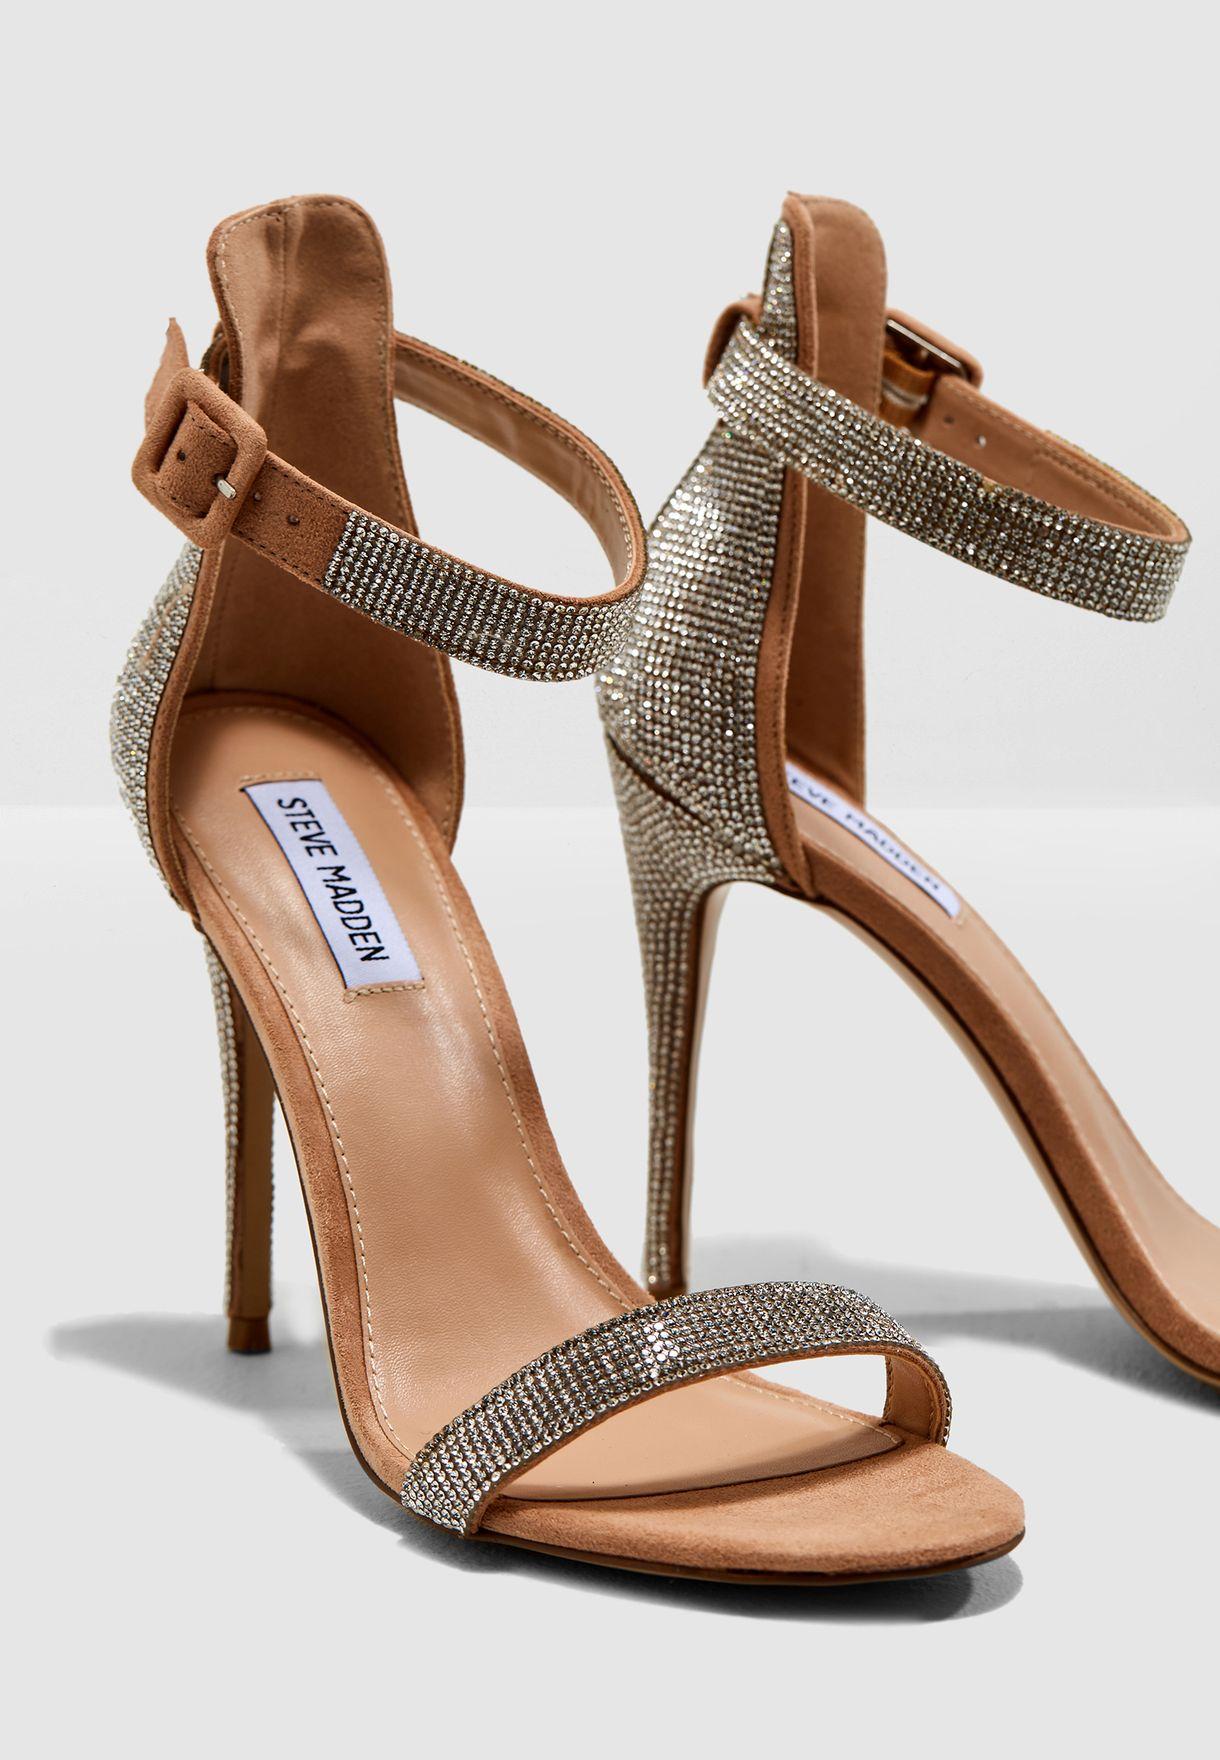 2db05de1c3a Shop Steve Madden pink Mischa Heel Sandal MISCHA for Women in UAE ...